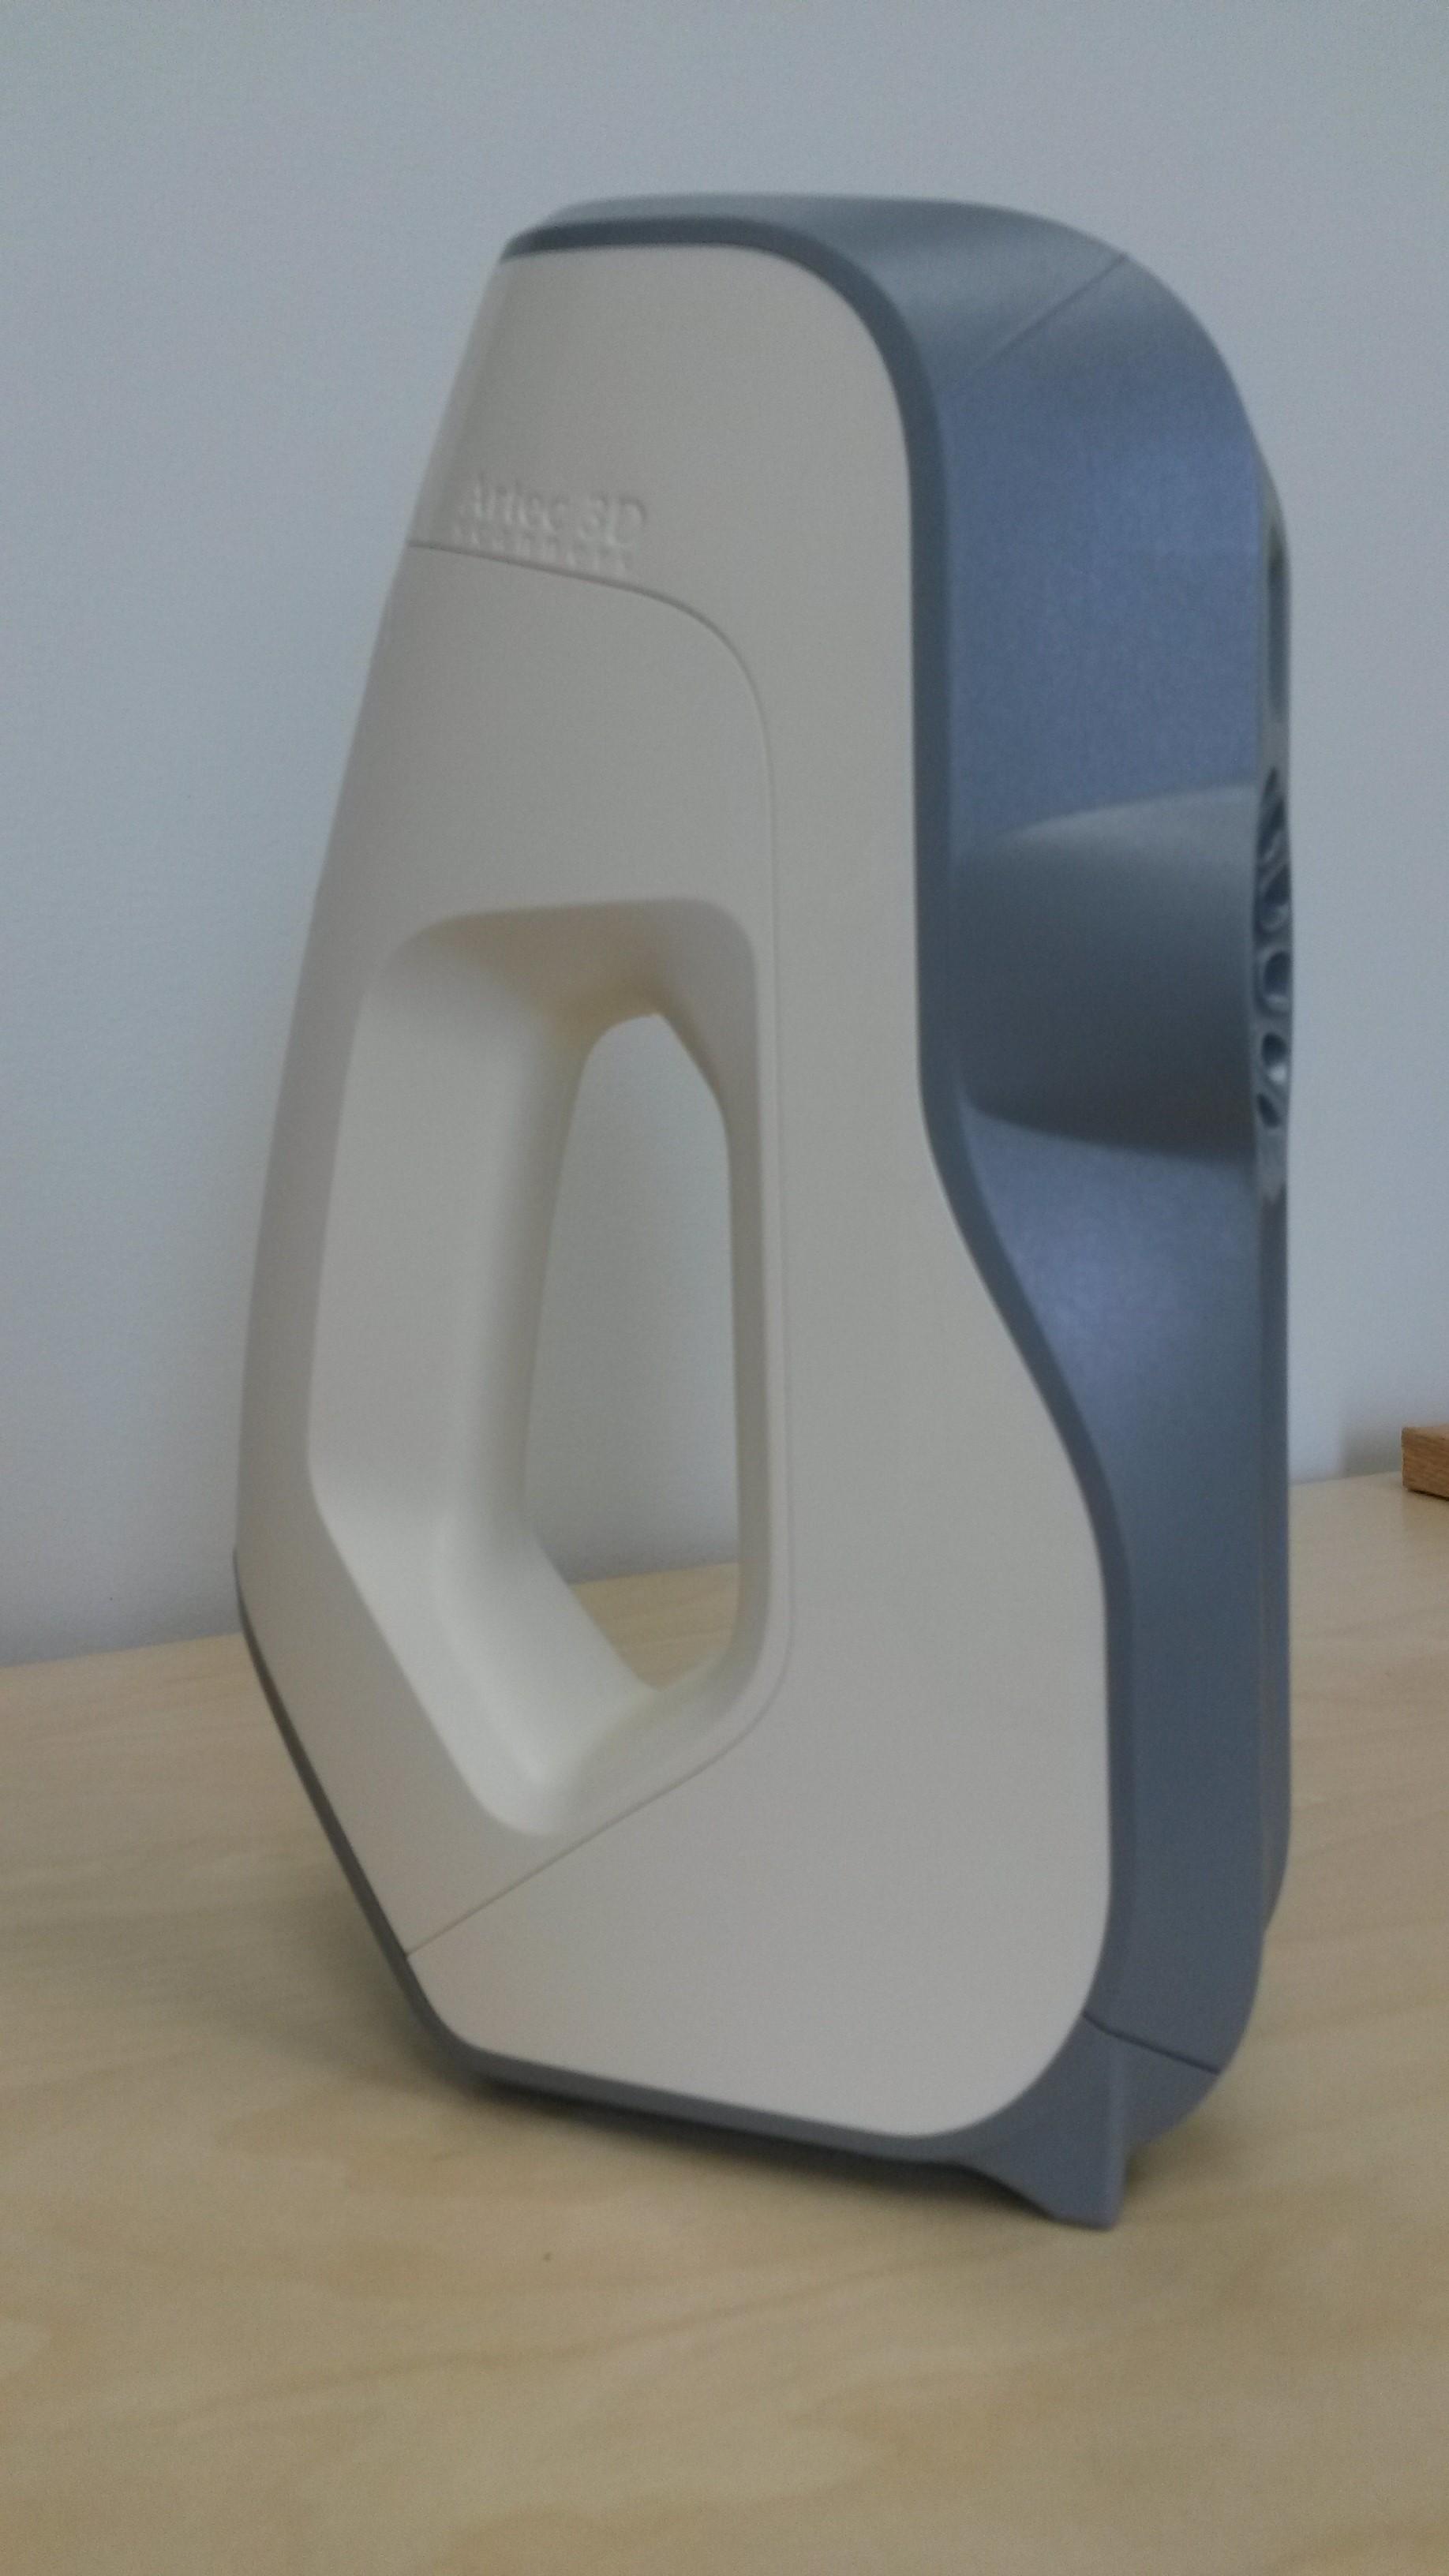 Artec Eva Color 3d Structured Light Scanner Studio Software